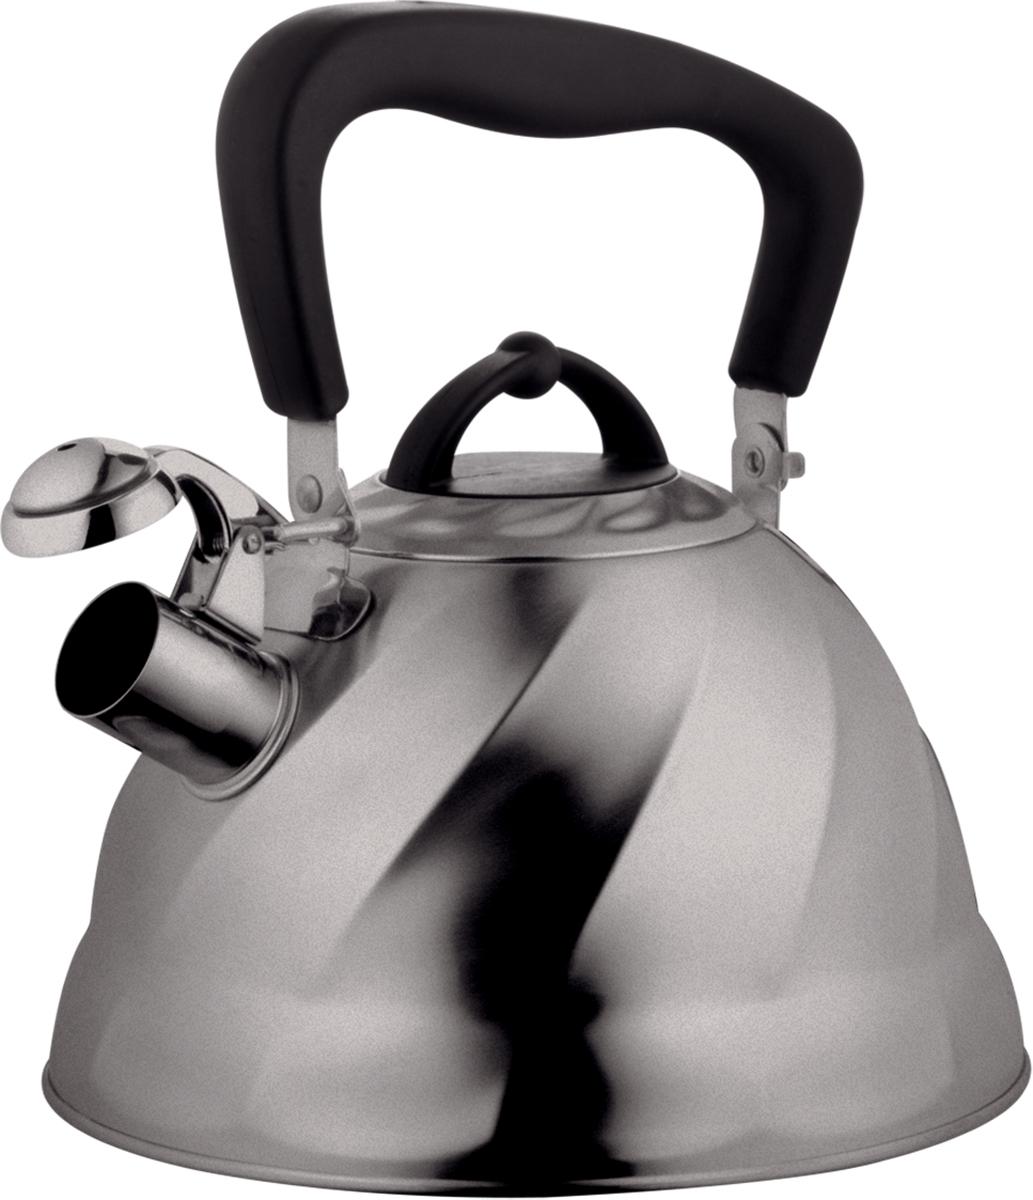 Чайник Marta, со свистком, цвет: стальной, матовый, 3 л. MT-304468/5/2Чайник Marta выполнен из высококачественной нержавеющей стали с матовой полировкой и оснащен ненагревающейся складной ручкой с силиконовым покрытием. Теплоемкое трехслойное капсульное дно обеспечивает быстрый нагрев чайника и равномерно распределяет тепло по его корпусу. Кипячение воды занимает меньше времени, а вода дольше остается горячей. Свисток на носике чайника - привычный элемент комфорта и безопасности. Своевременный сигнал о готовности кипятка сэкономит время и электроэнергию, вода никогда не выкипит полностью, а чайник прослужит очень долго. Оригинальный механизм поднятия свистка добавляет чайнику индивидуальности - при поднятии чайника за ручку свисток автоматически открывает носик для удобства наливания кипятка в чашку. Чайник подходит для всех видов плит, кроме индукционных.